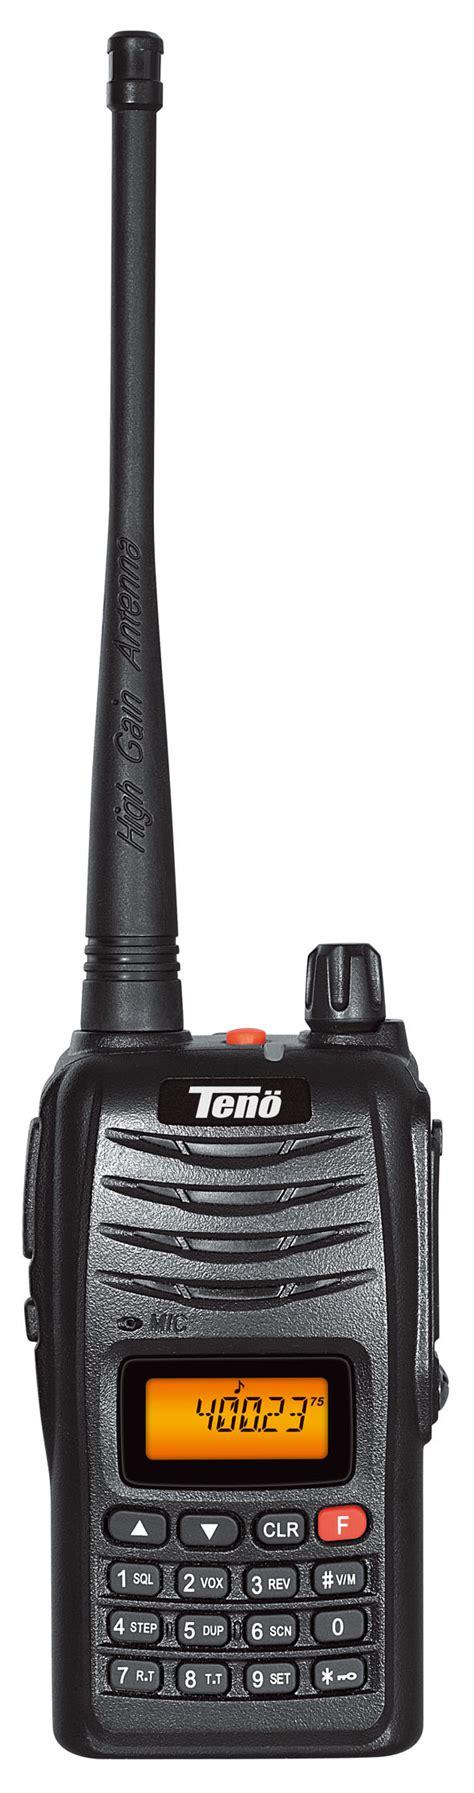 Handy Talky Teno Tn 733 teno handy talky